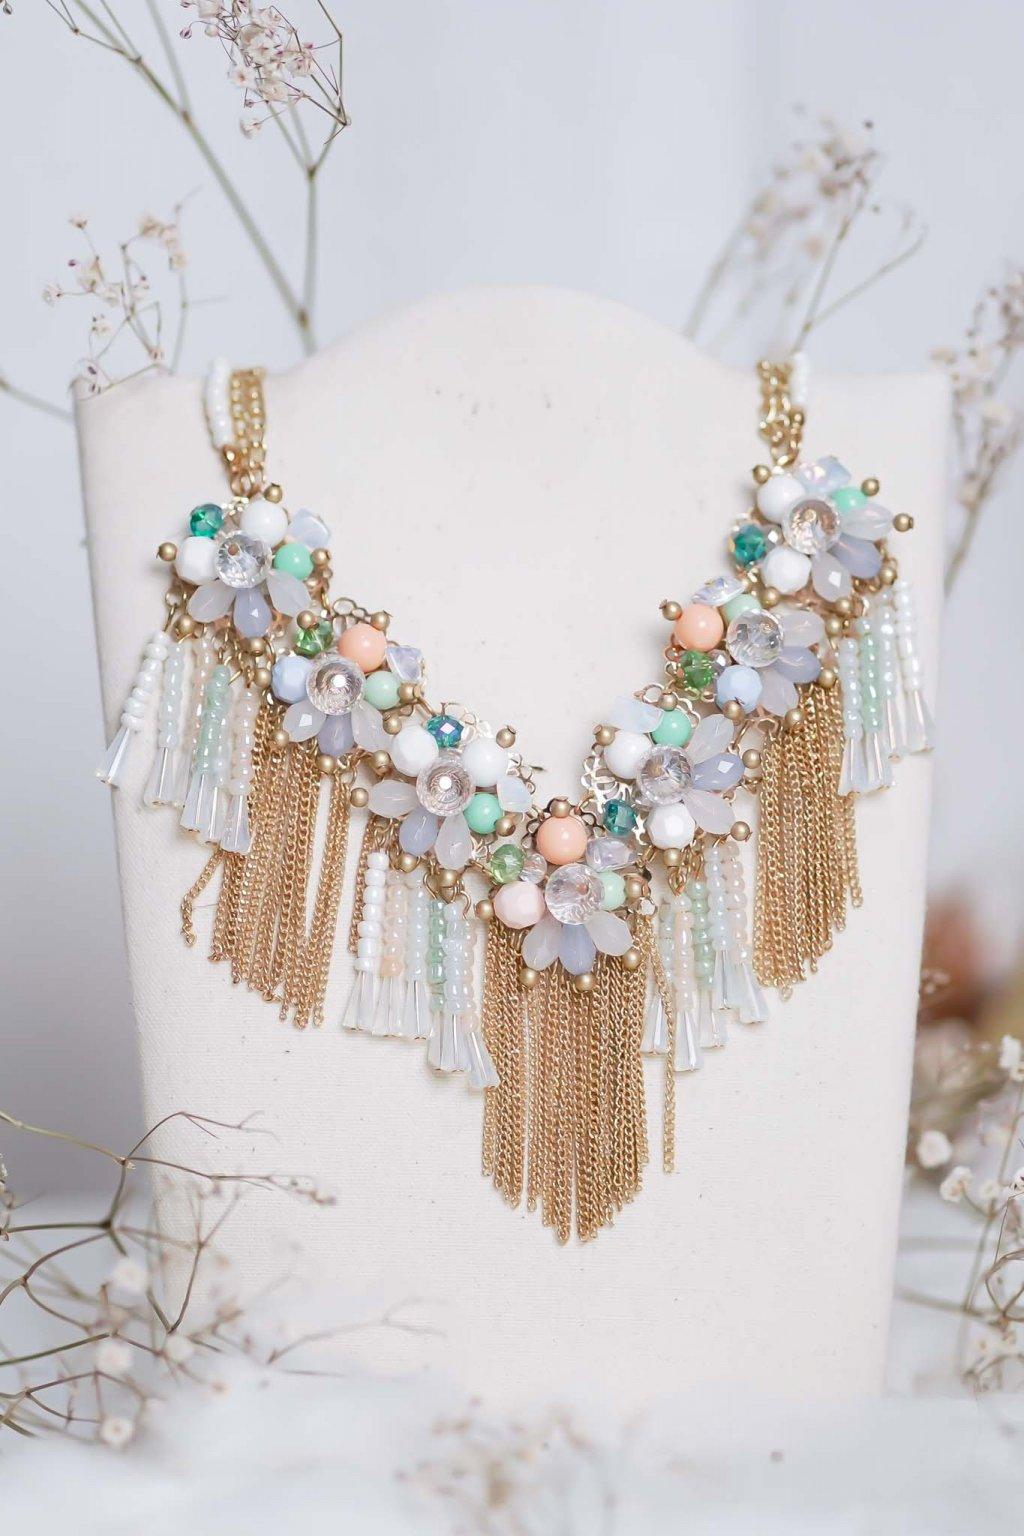 náhrdelník, spoločenský, bežný deň, kamienkový, farebný, čierny, strieborný, zelený, cyklamenévy, náhrdelník, bižuteria, šperk, šperky, ples, stužková, svadba, 049